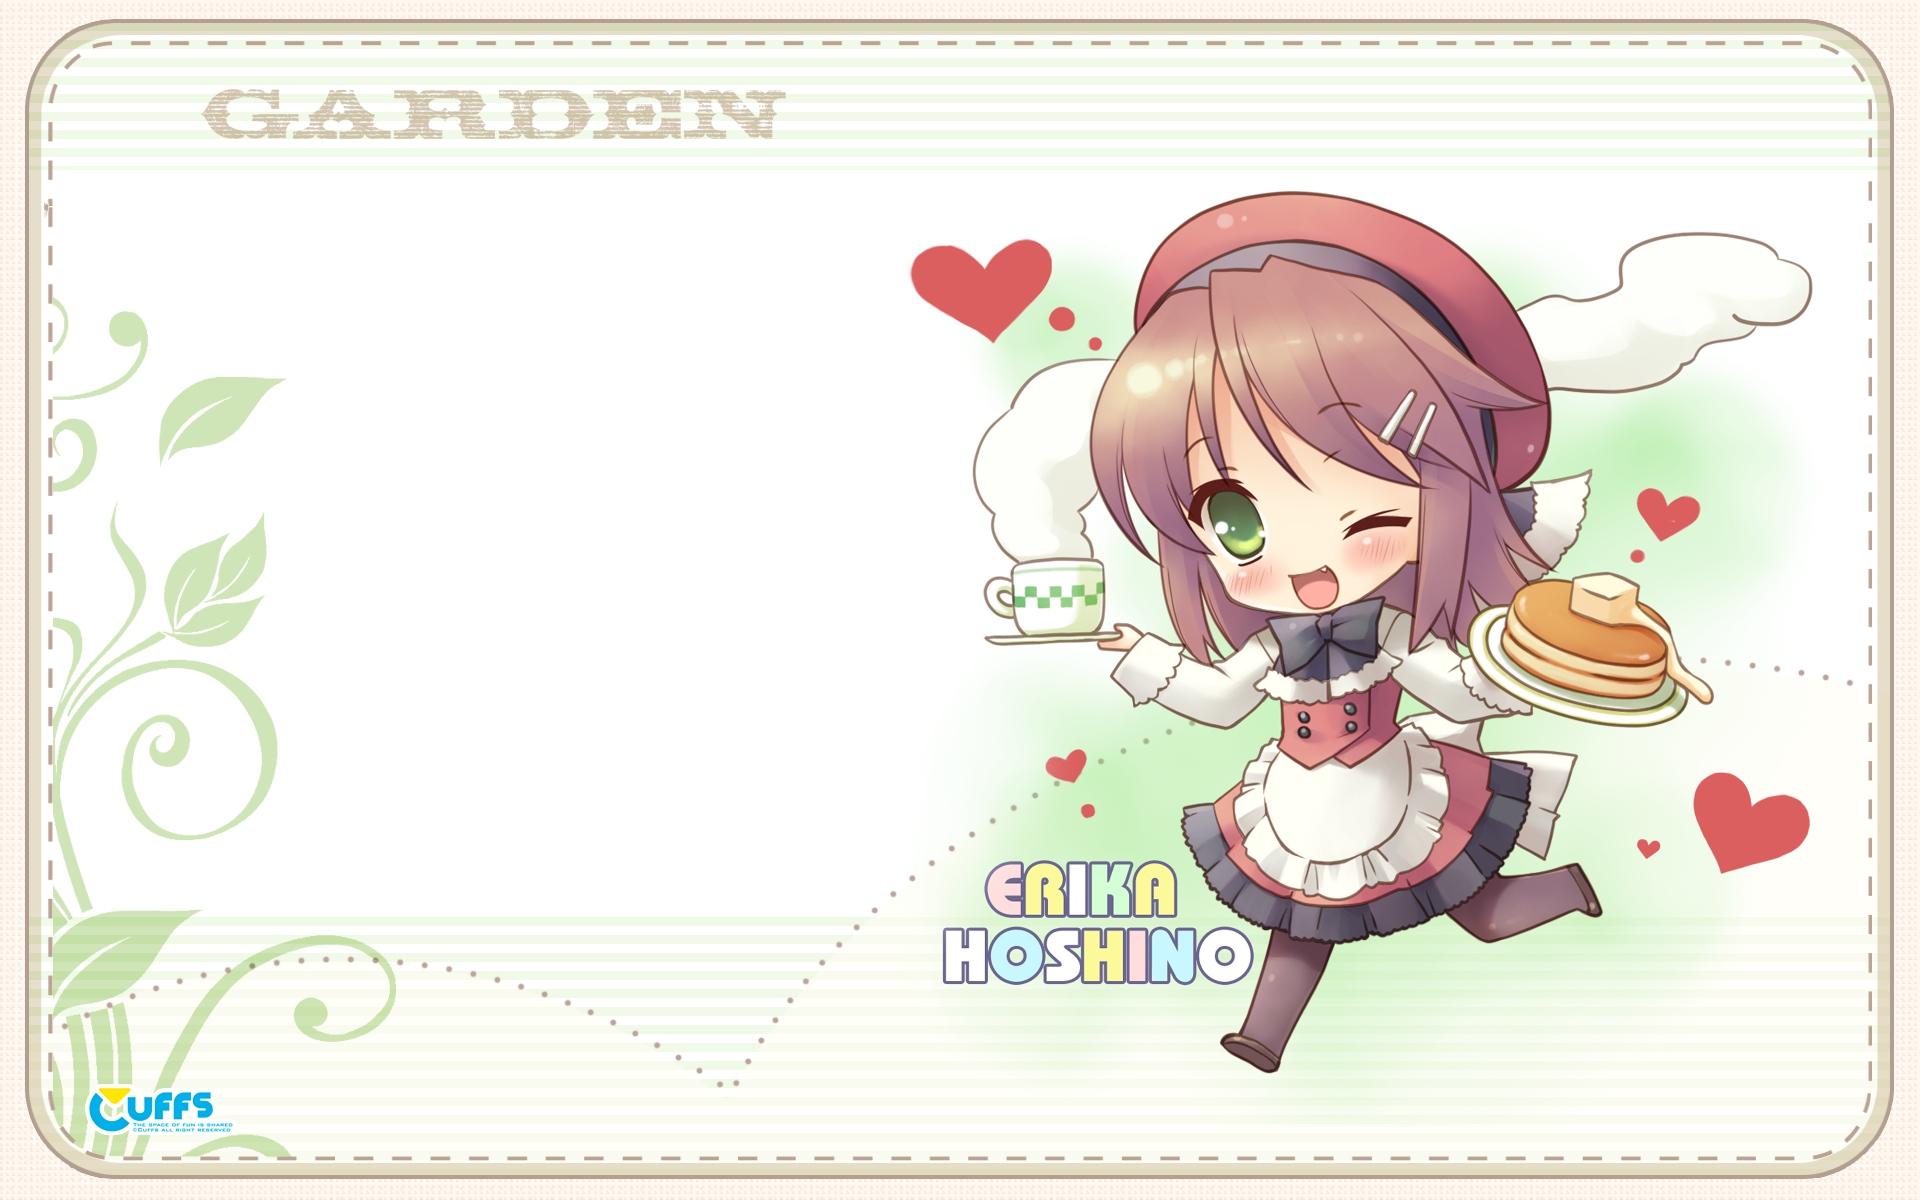 brown_hair cake chibi cuffs_(studio) food garden_(galge) green_eyes hoshino_erika